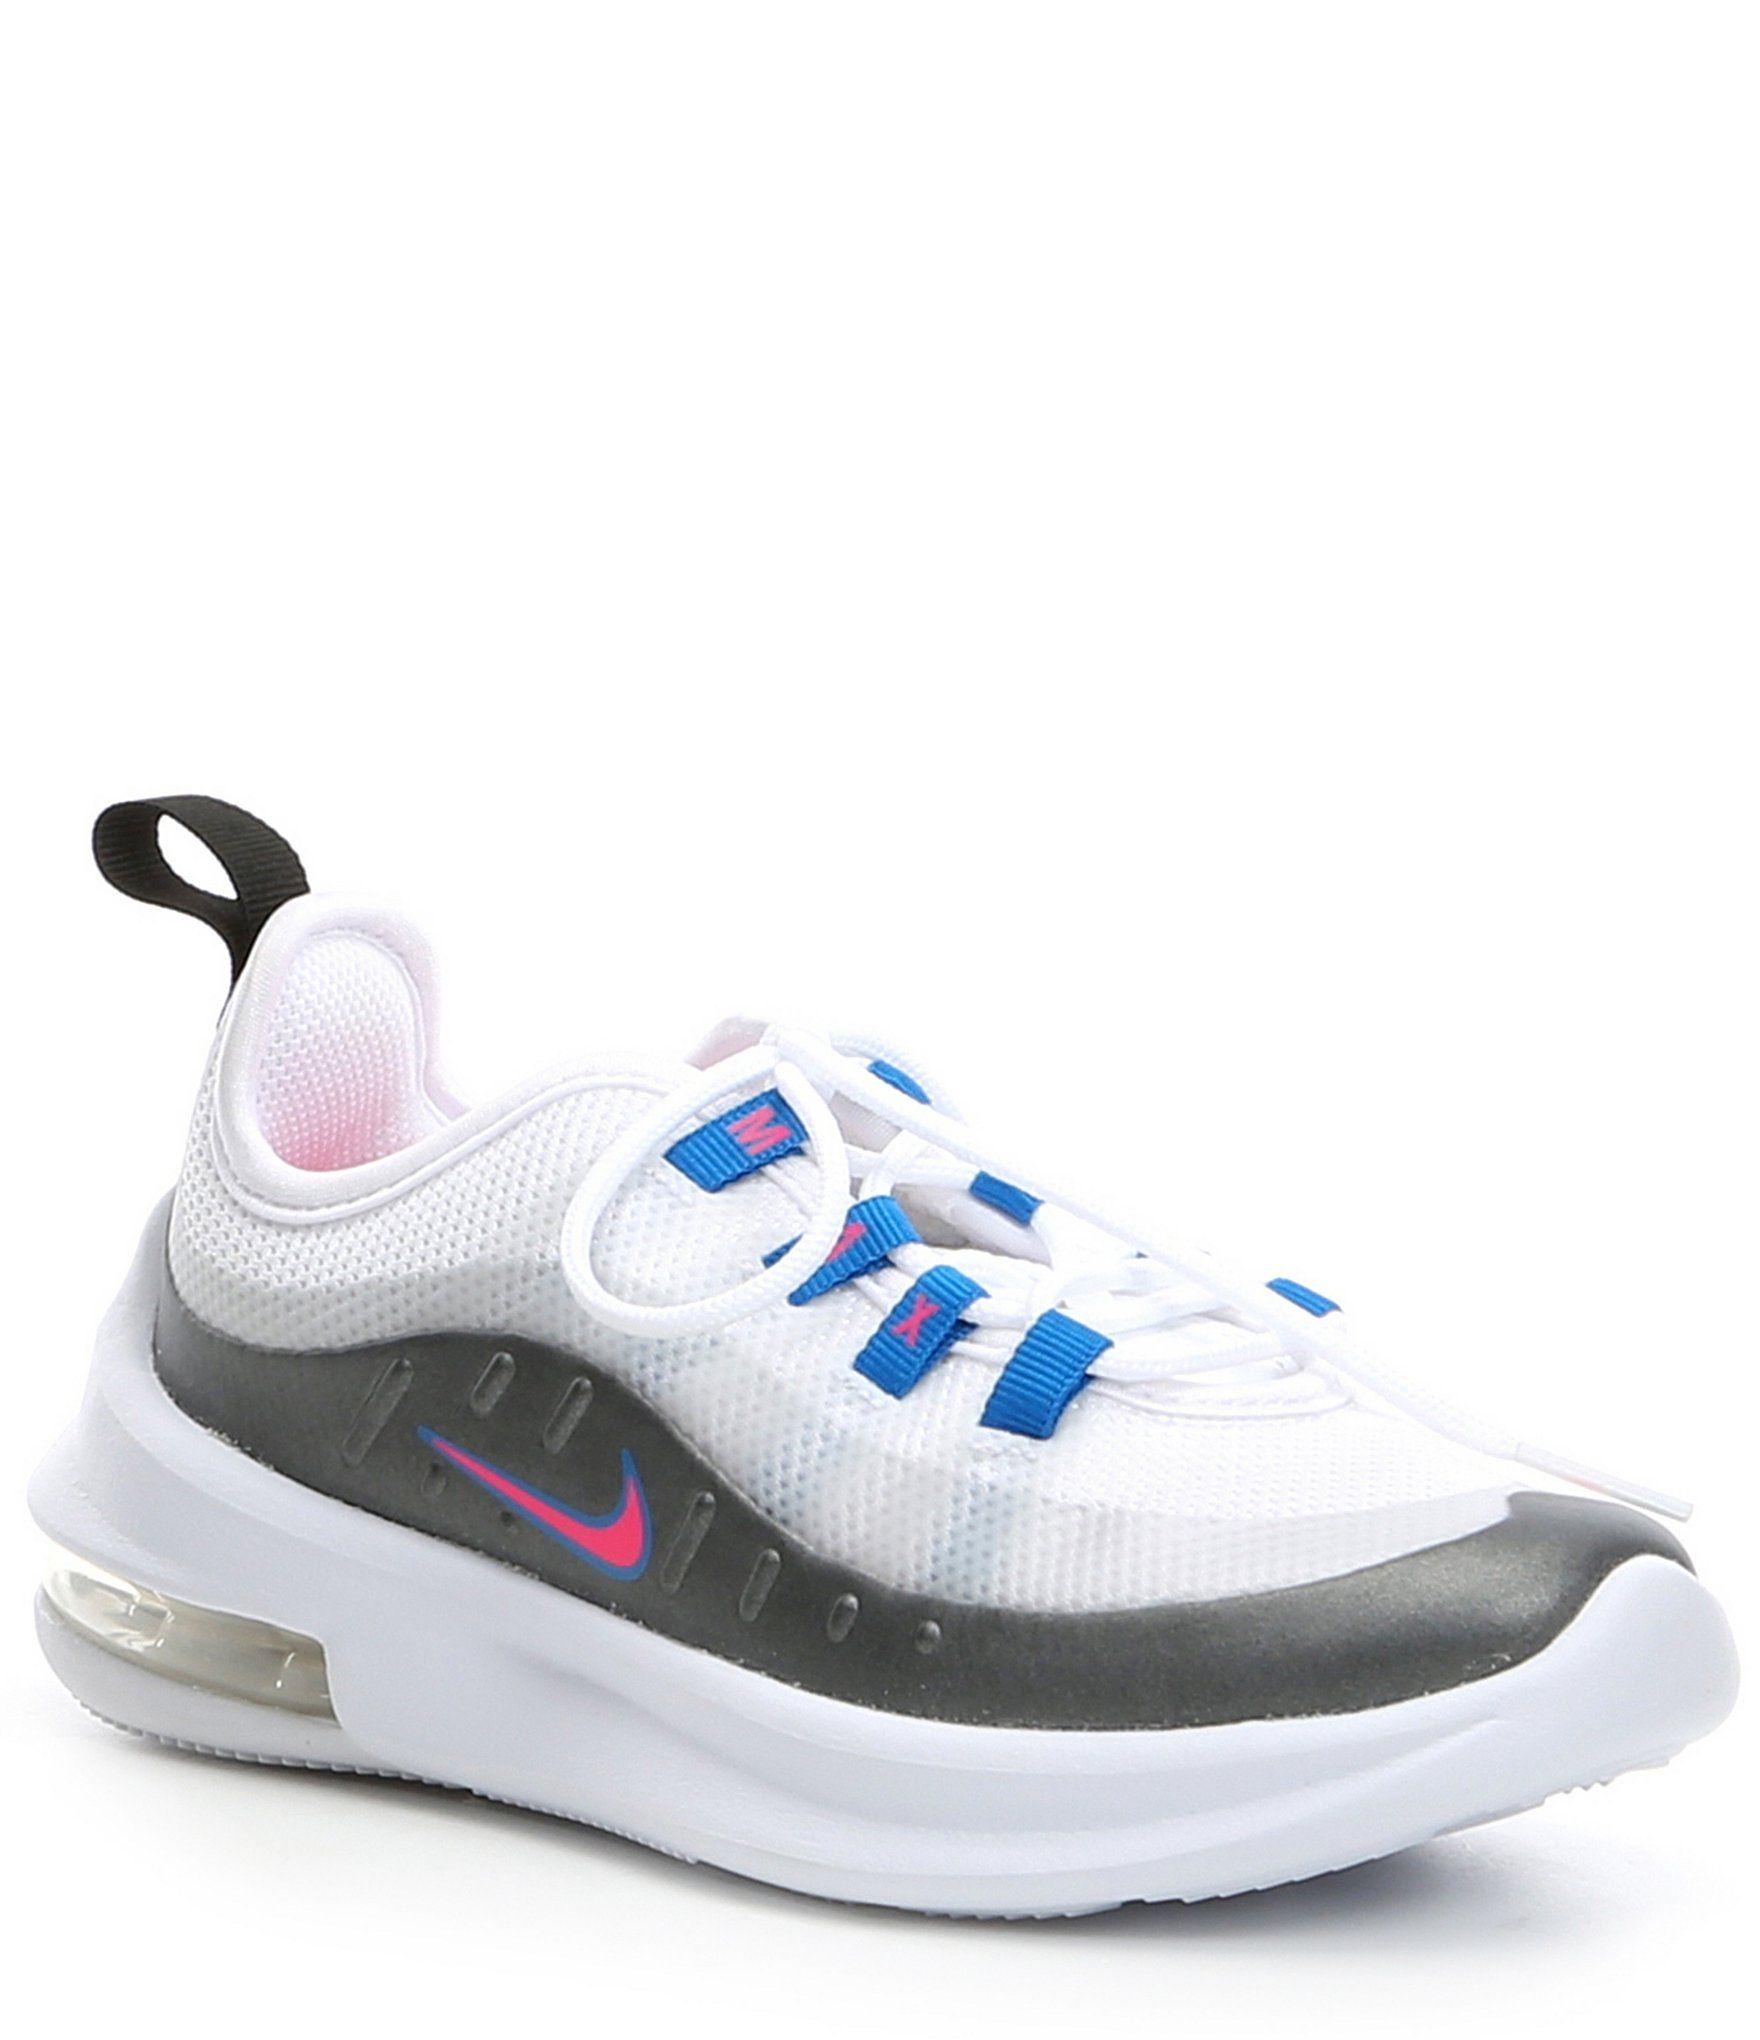 Nike Kids' Air Max Axis GS Running Shoe